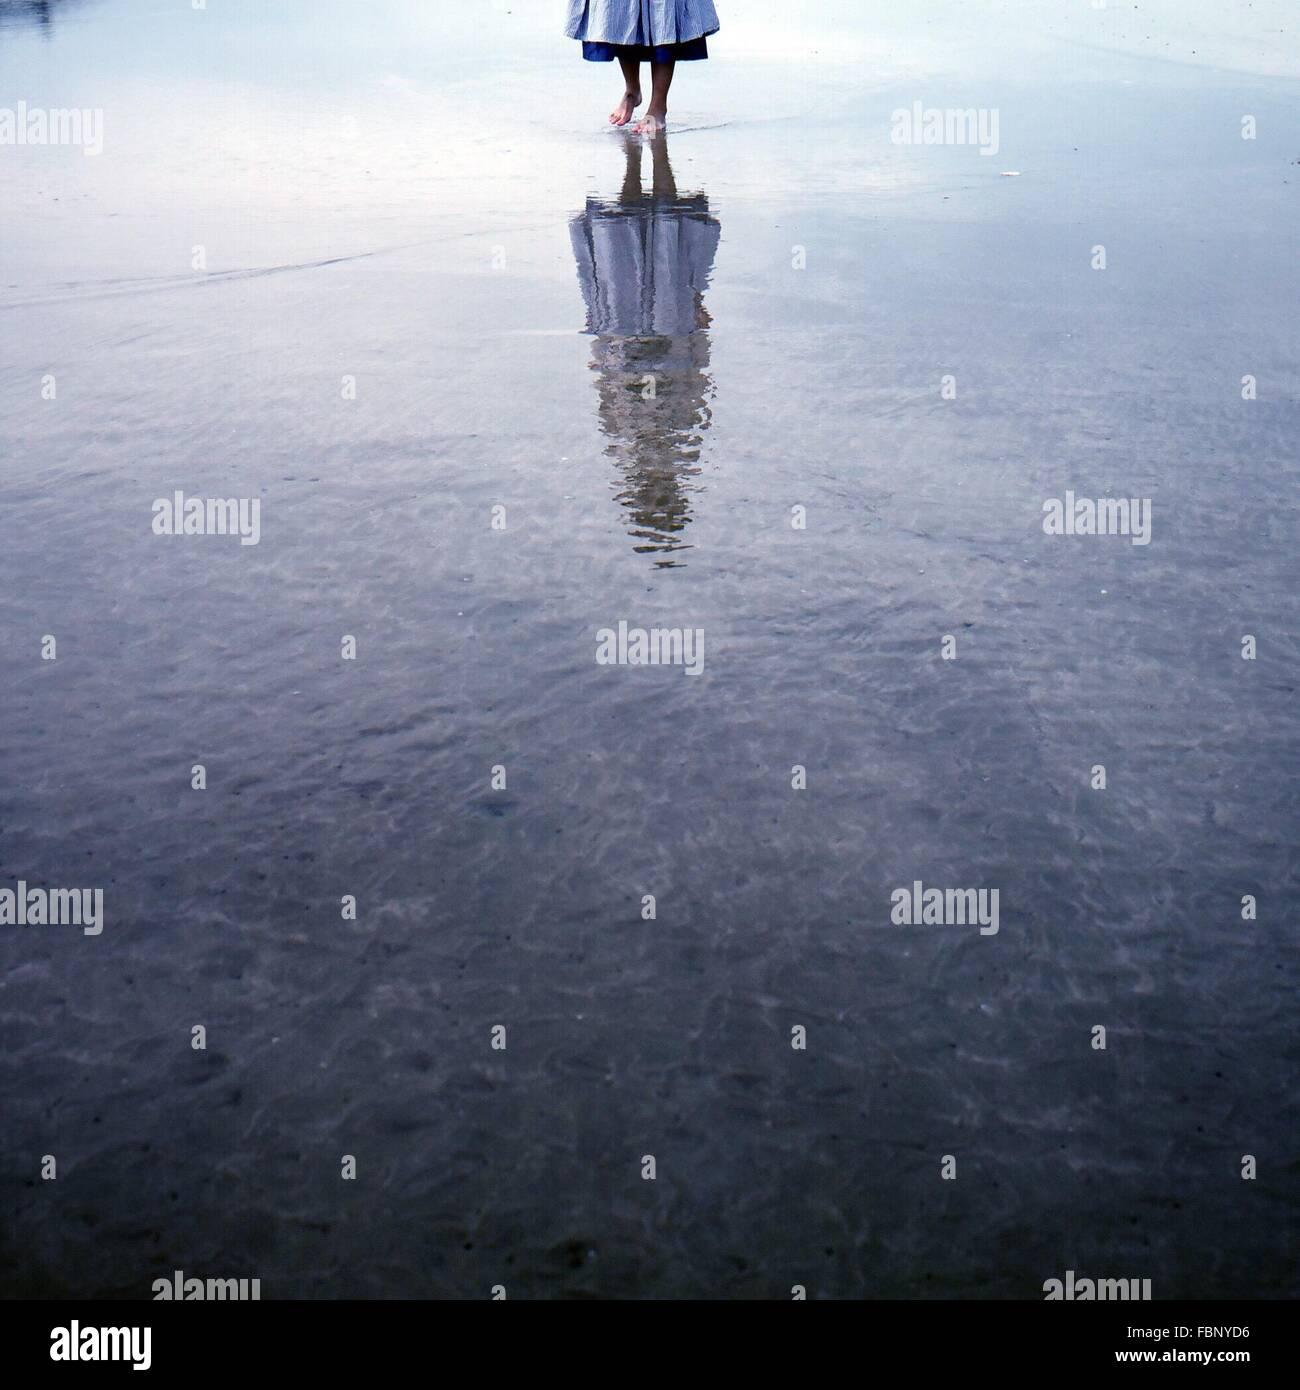 La section basse de la femme marche sur l'eau avec la réflexion Photo Stock